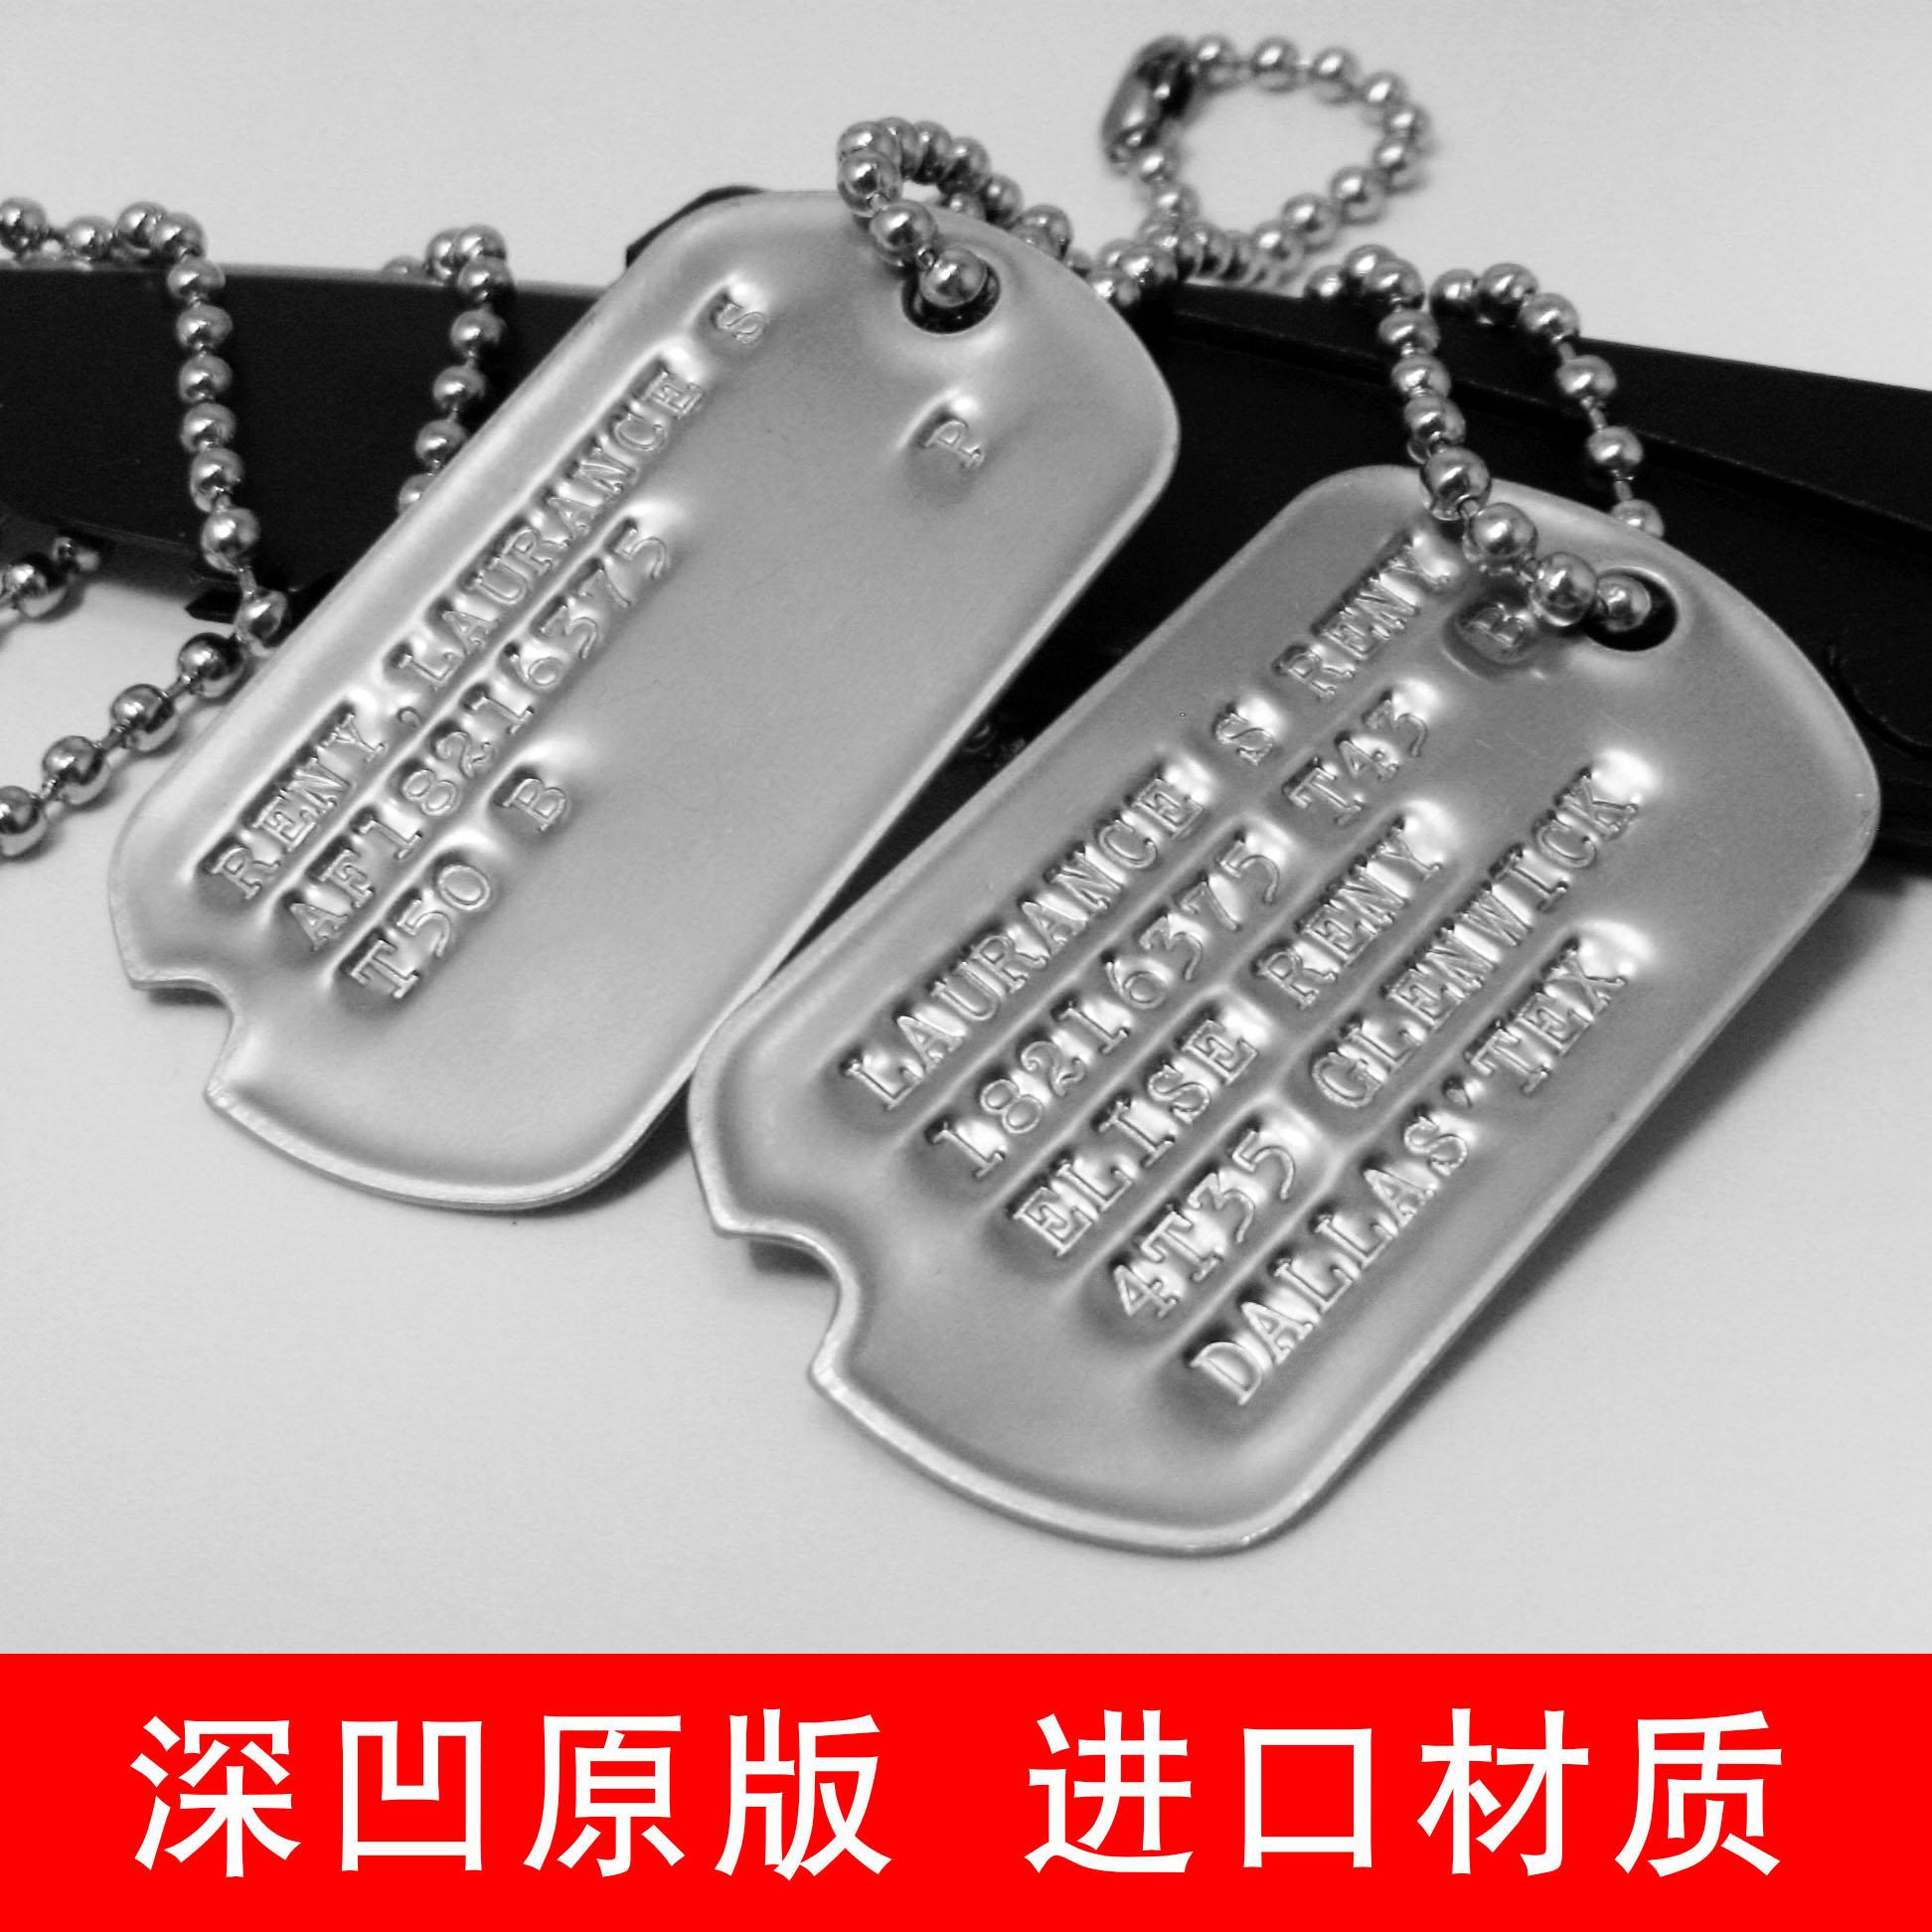 Вторая мировая война темно Вогнутая американская военная карточка для удостоверения личности с идентификационной табличкой большого солдата матовый Ожерелье из нержавеющей стали